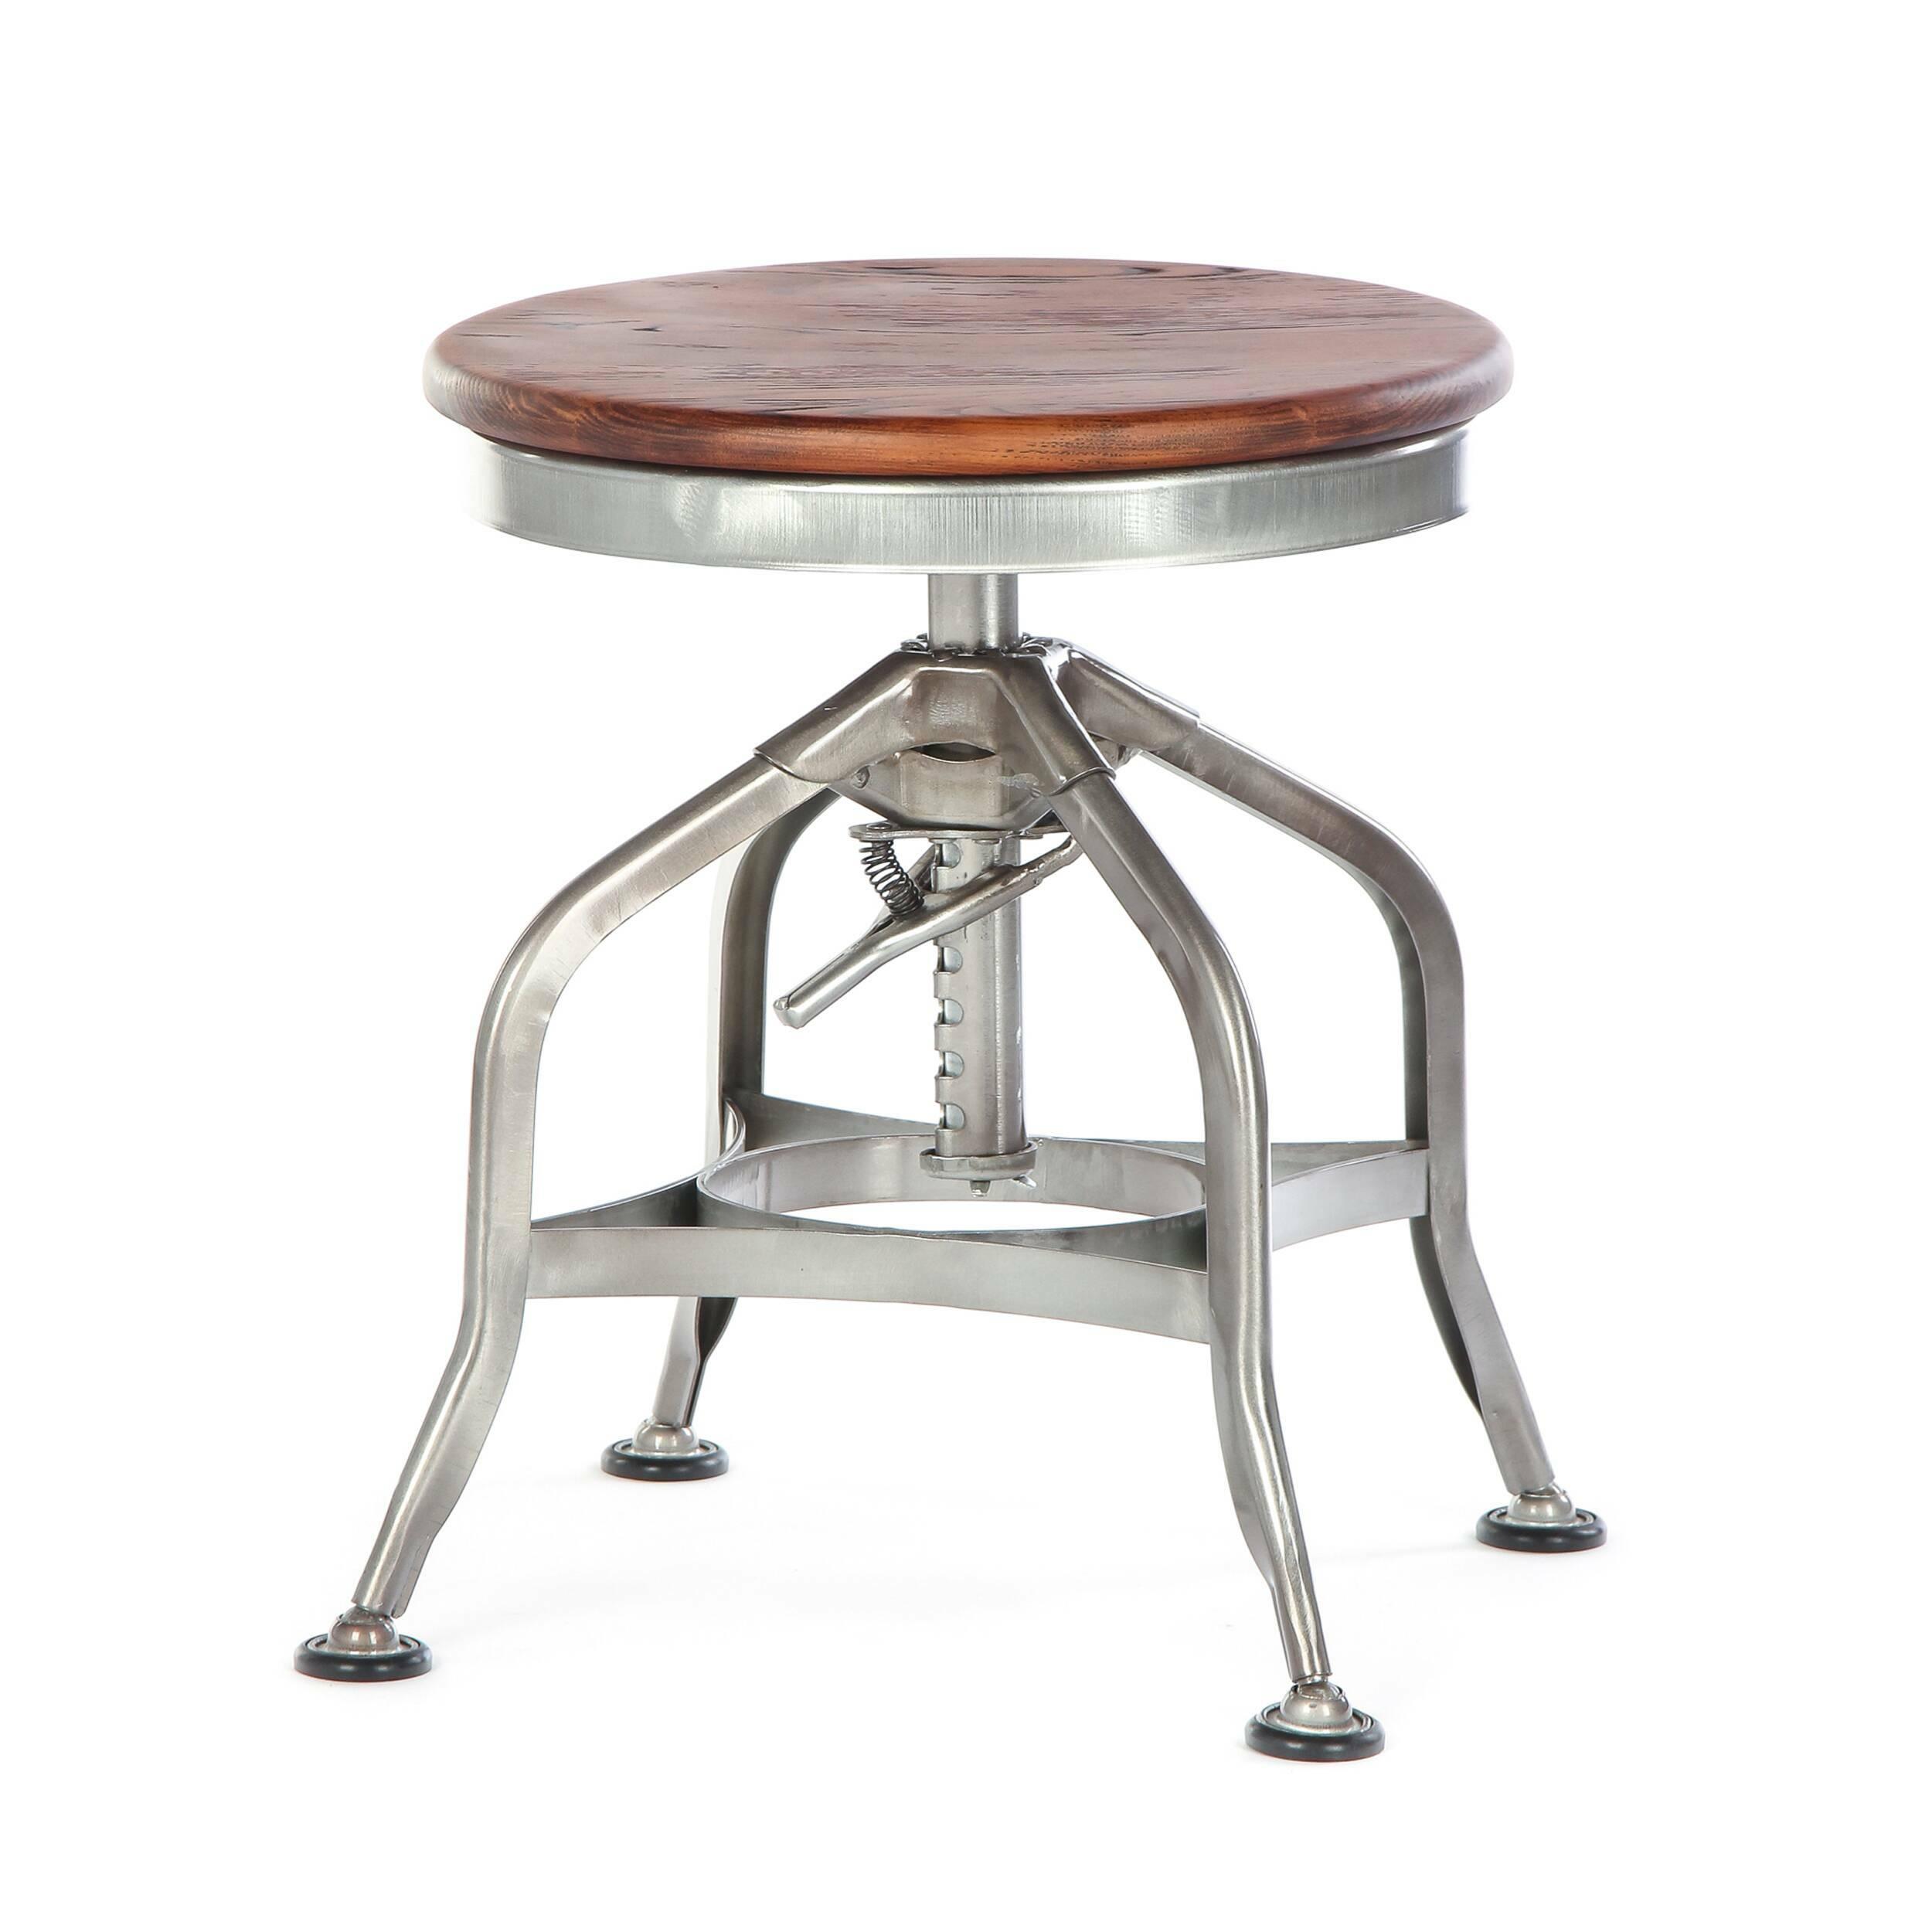 Табурет ToledoТабуреты<br>В конце XIX века в Америке двое братьев открыли мастерскую по ремонту велосипедов. Спустя несколько лет количество братьев, принимающих участие в проекте, увеличилось до десяти, семейное дело давало приличный доход, и было принято решение производить предметы мебели: столы и стулья из стали. К 1910 году они приобрели завод, и появилась Uhl Art Steel Company, подарившая миру знаменитую мебель «Толедо».<br><br><br> Круглое вращающееся сиденье сделано из обработанного натурального дерева изумител...<br><br>stock: 15<br>Высота: 40-51<br>Диаметр: 39<br>Цвет ножек: Бронза пушечная<br>Материал сидения: Массив ясеня<br>Цвет сидения: Коричневый<br>Тип материала сидения: Дерево<br>Тип материала ножек: Сталь